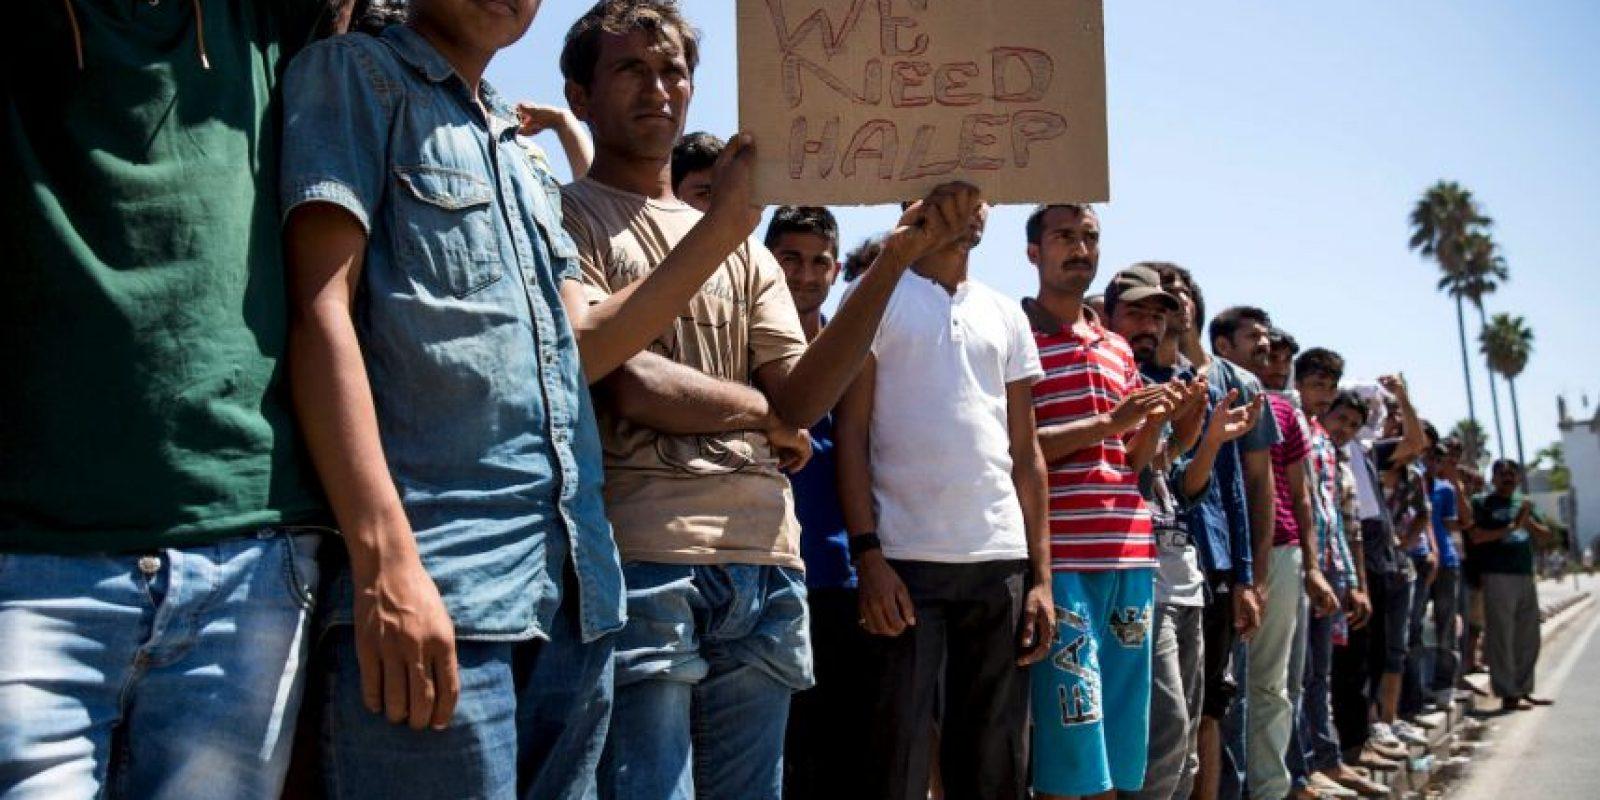 La UE está viendo cada vez más migrantes que llegan a sus costas Foto:AFP